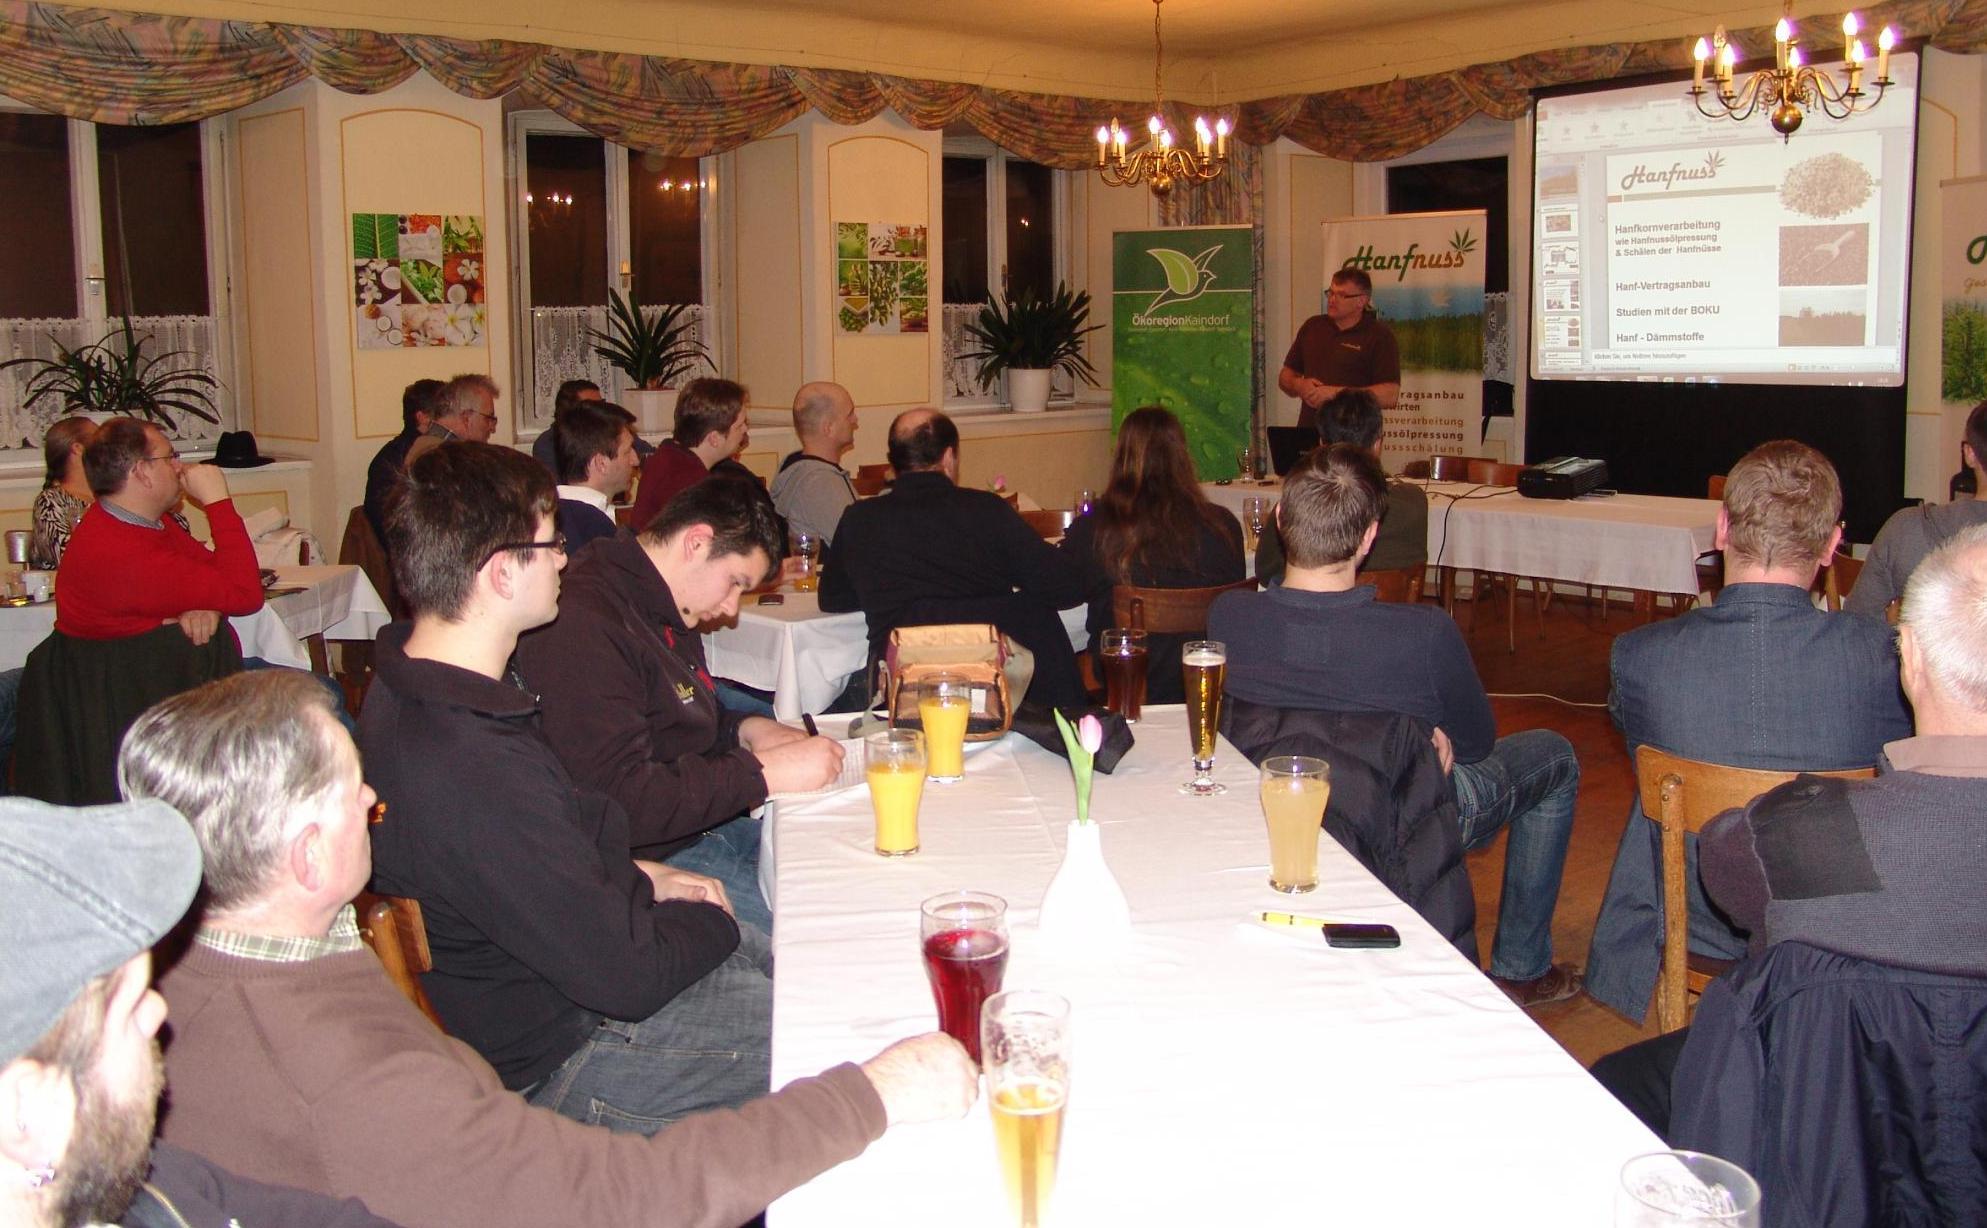 oekoregion_kaindorf--article-2466-0.jpeg